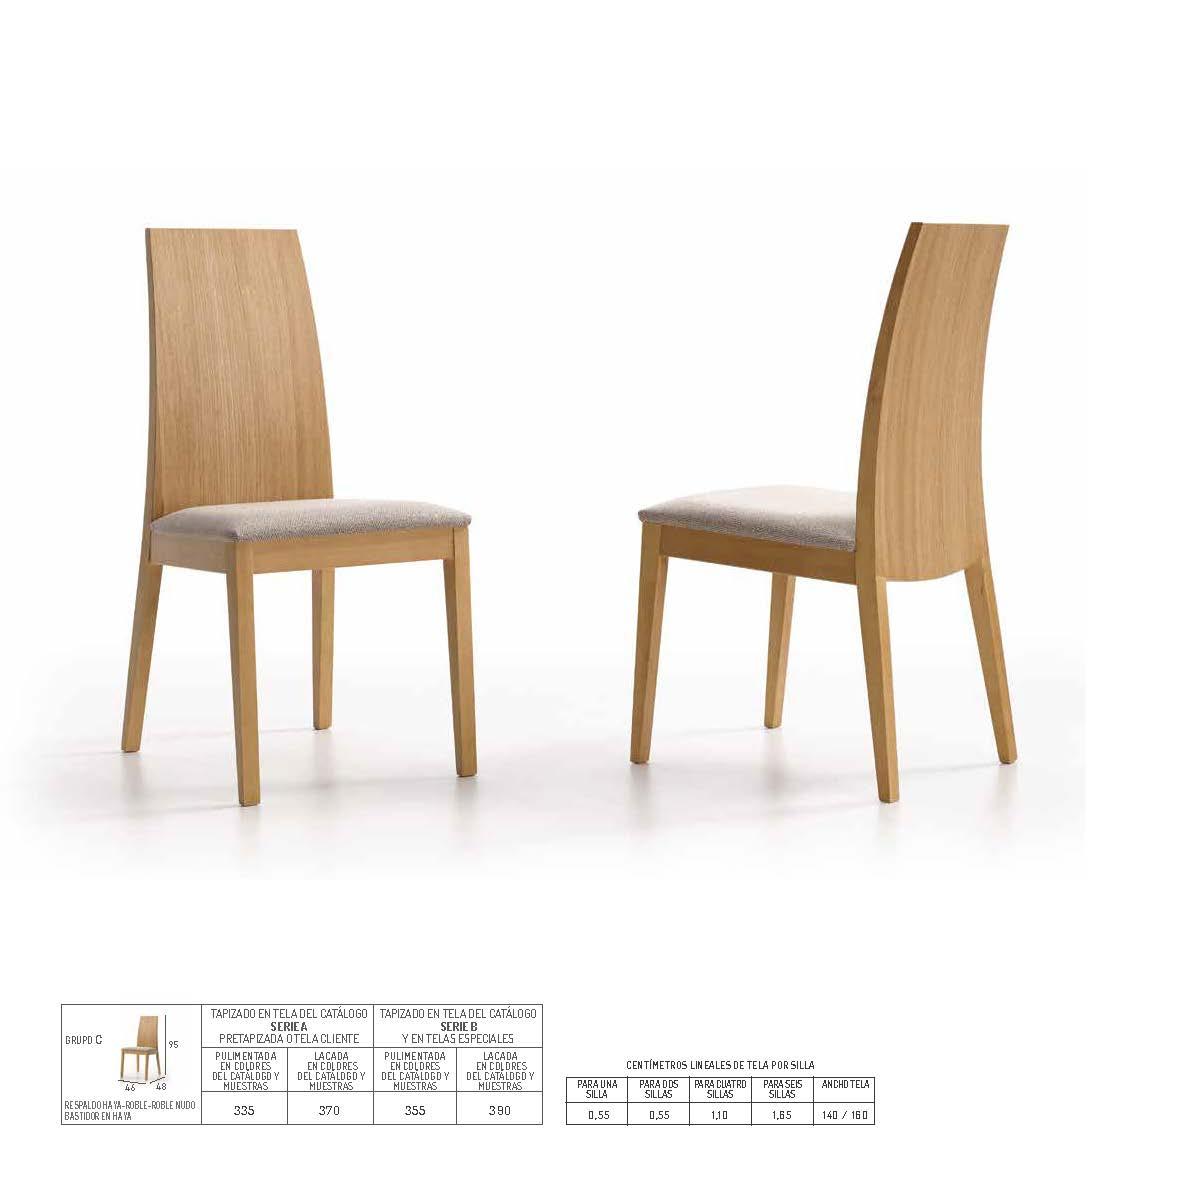 Ficha técnica de sillas de comedor 14f-0005